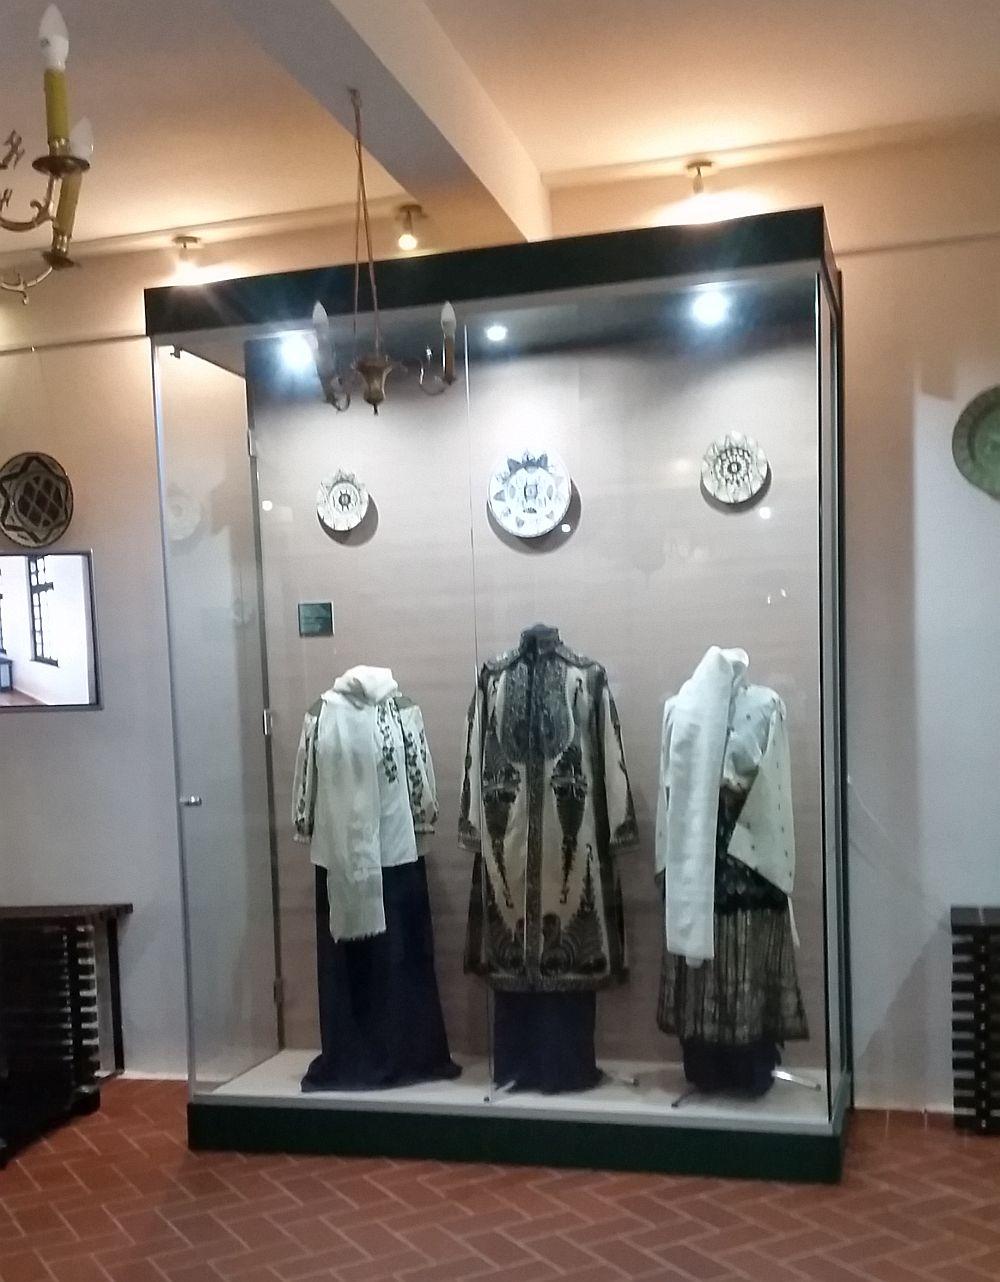 Sala de la parter găzduiește colecție de costume populare. Eu am fotografia doar o mică parte ca să te provoc să mergi la muzeu. Dacă te vei uita cu atenție la ele, când mergi în muzeu, îți vei da seama ce țesături extraordinare se făceau manual pe vremuri.